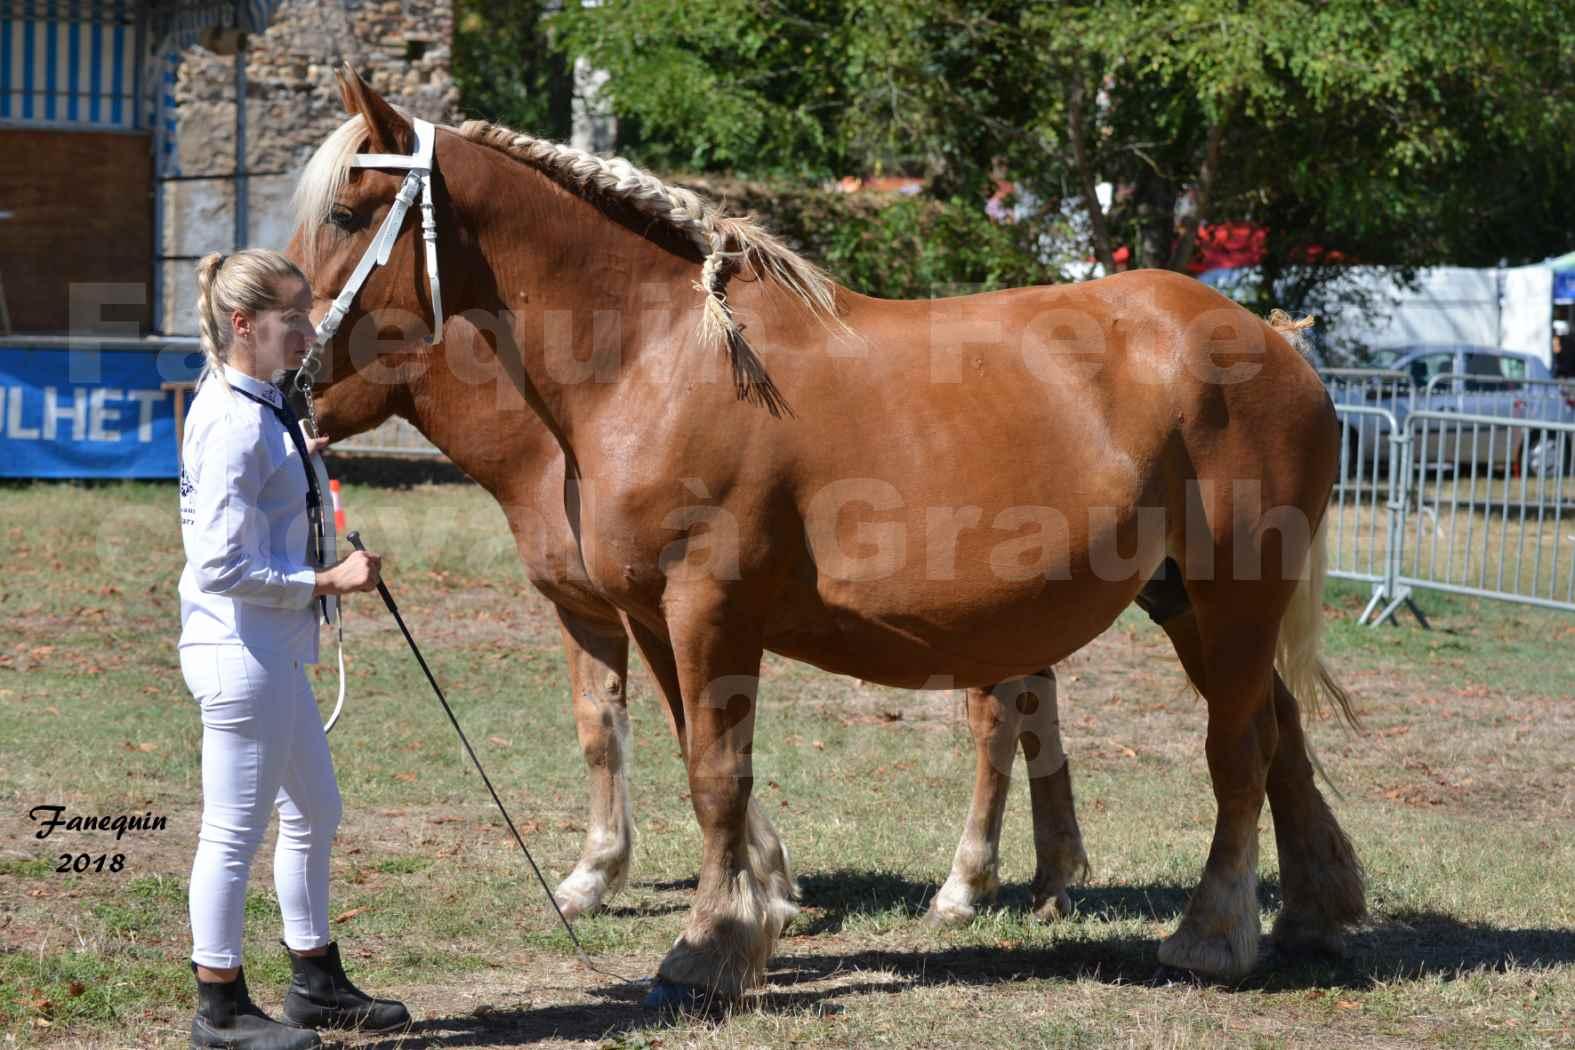 Fête du cheval à GRAULHET le 16 septembre 2018 - Concours Départemental de chevaux de traits - 39